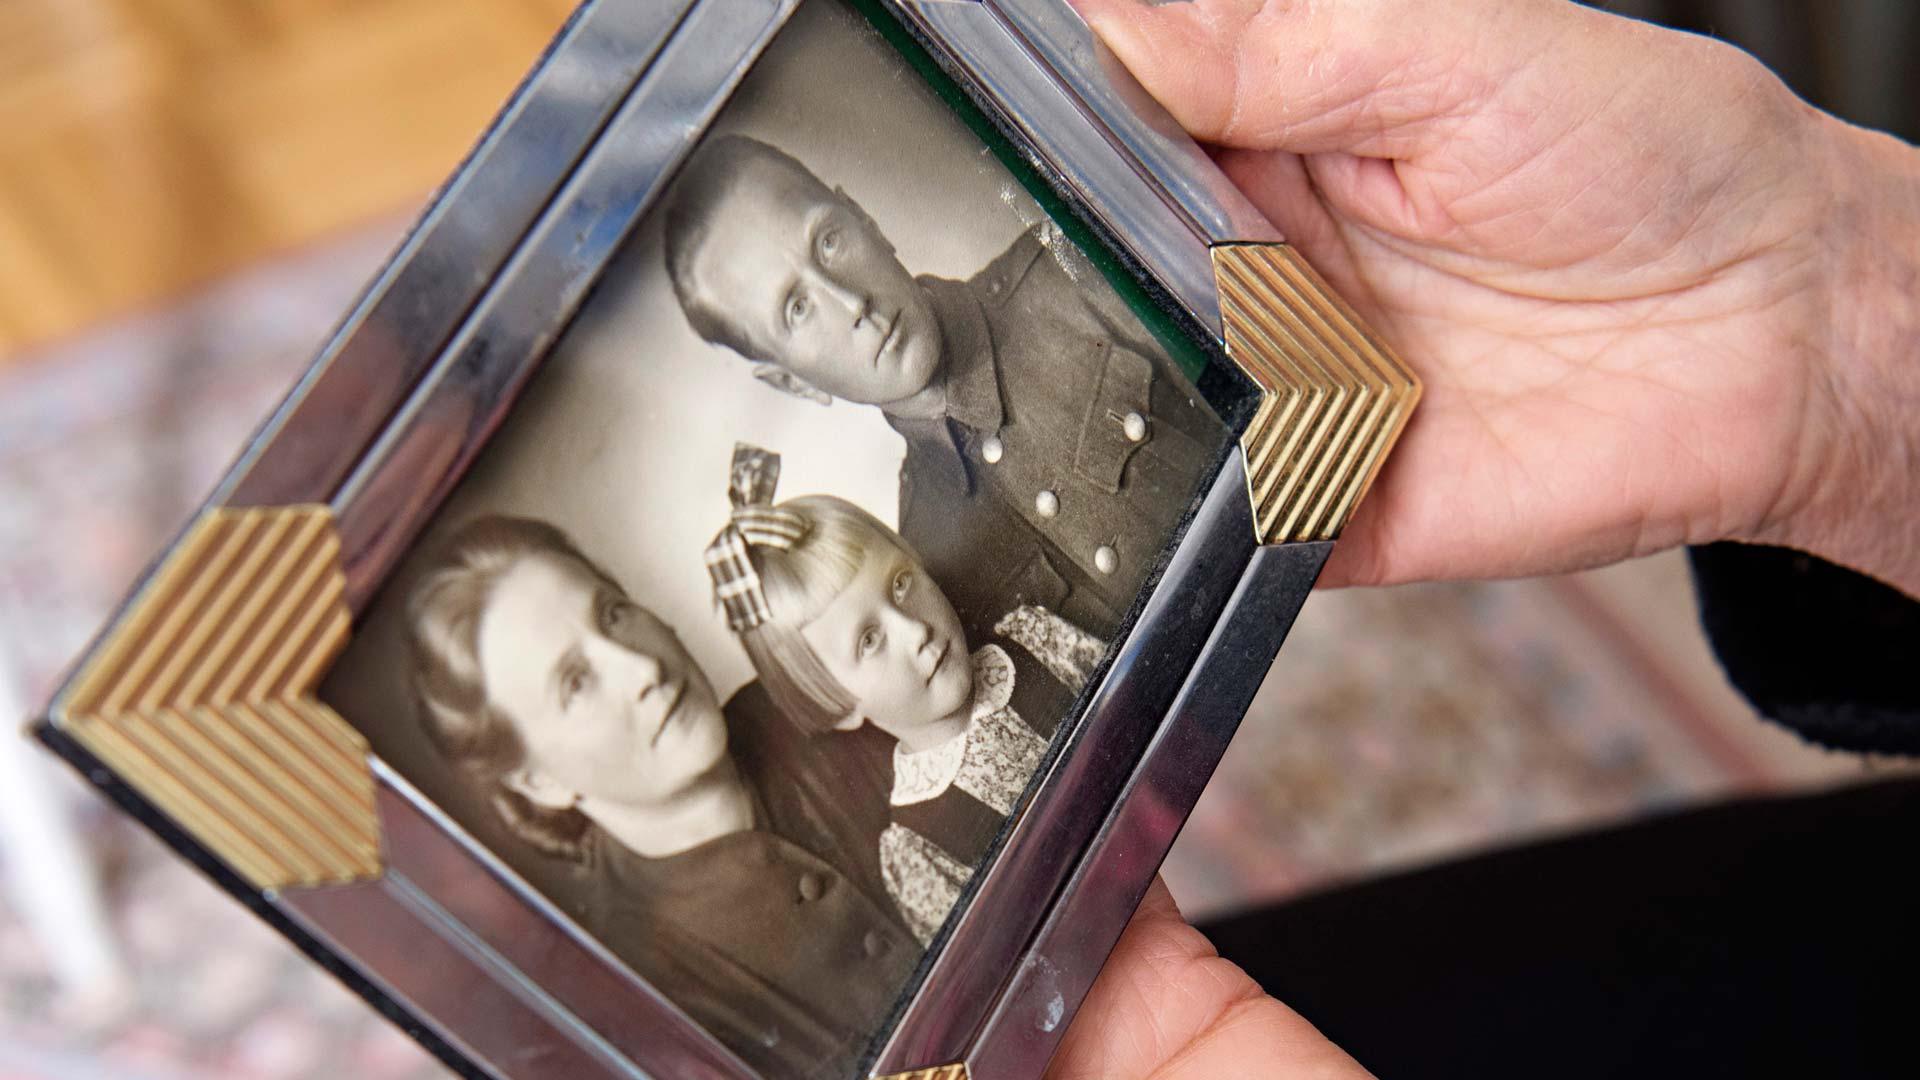 Sota-aikana käytiin ahkerasti valokuvaamoissa. Yhteiskuvat pitivät toivoa yllä: pian olisimme taas yhdessä.